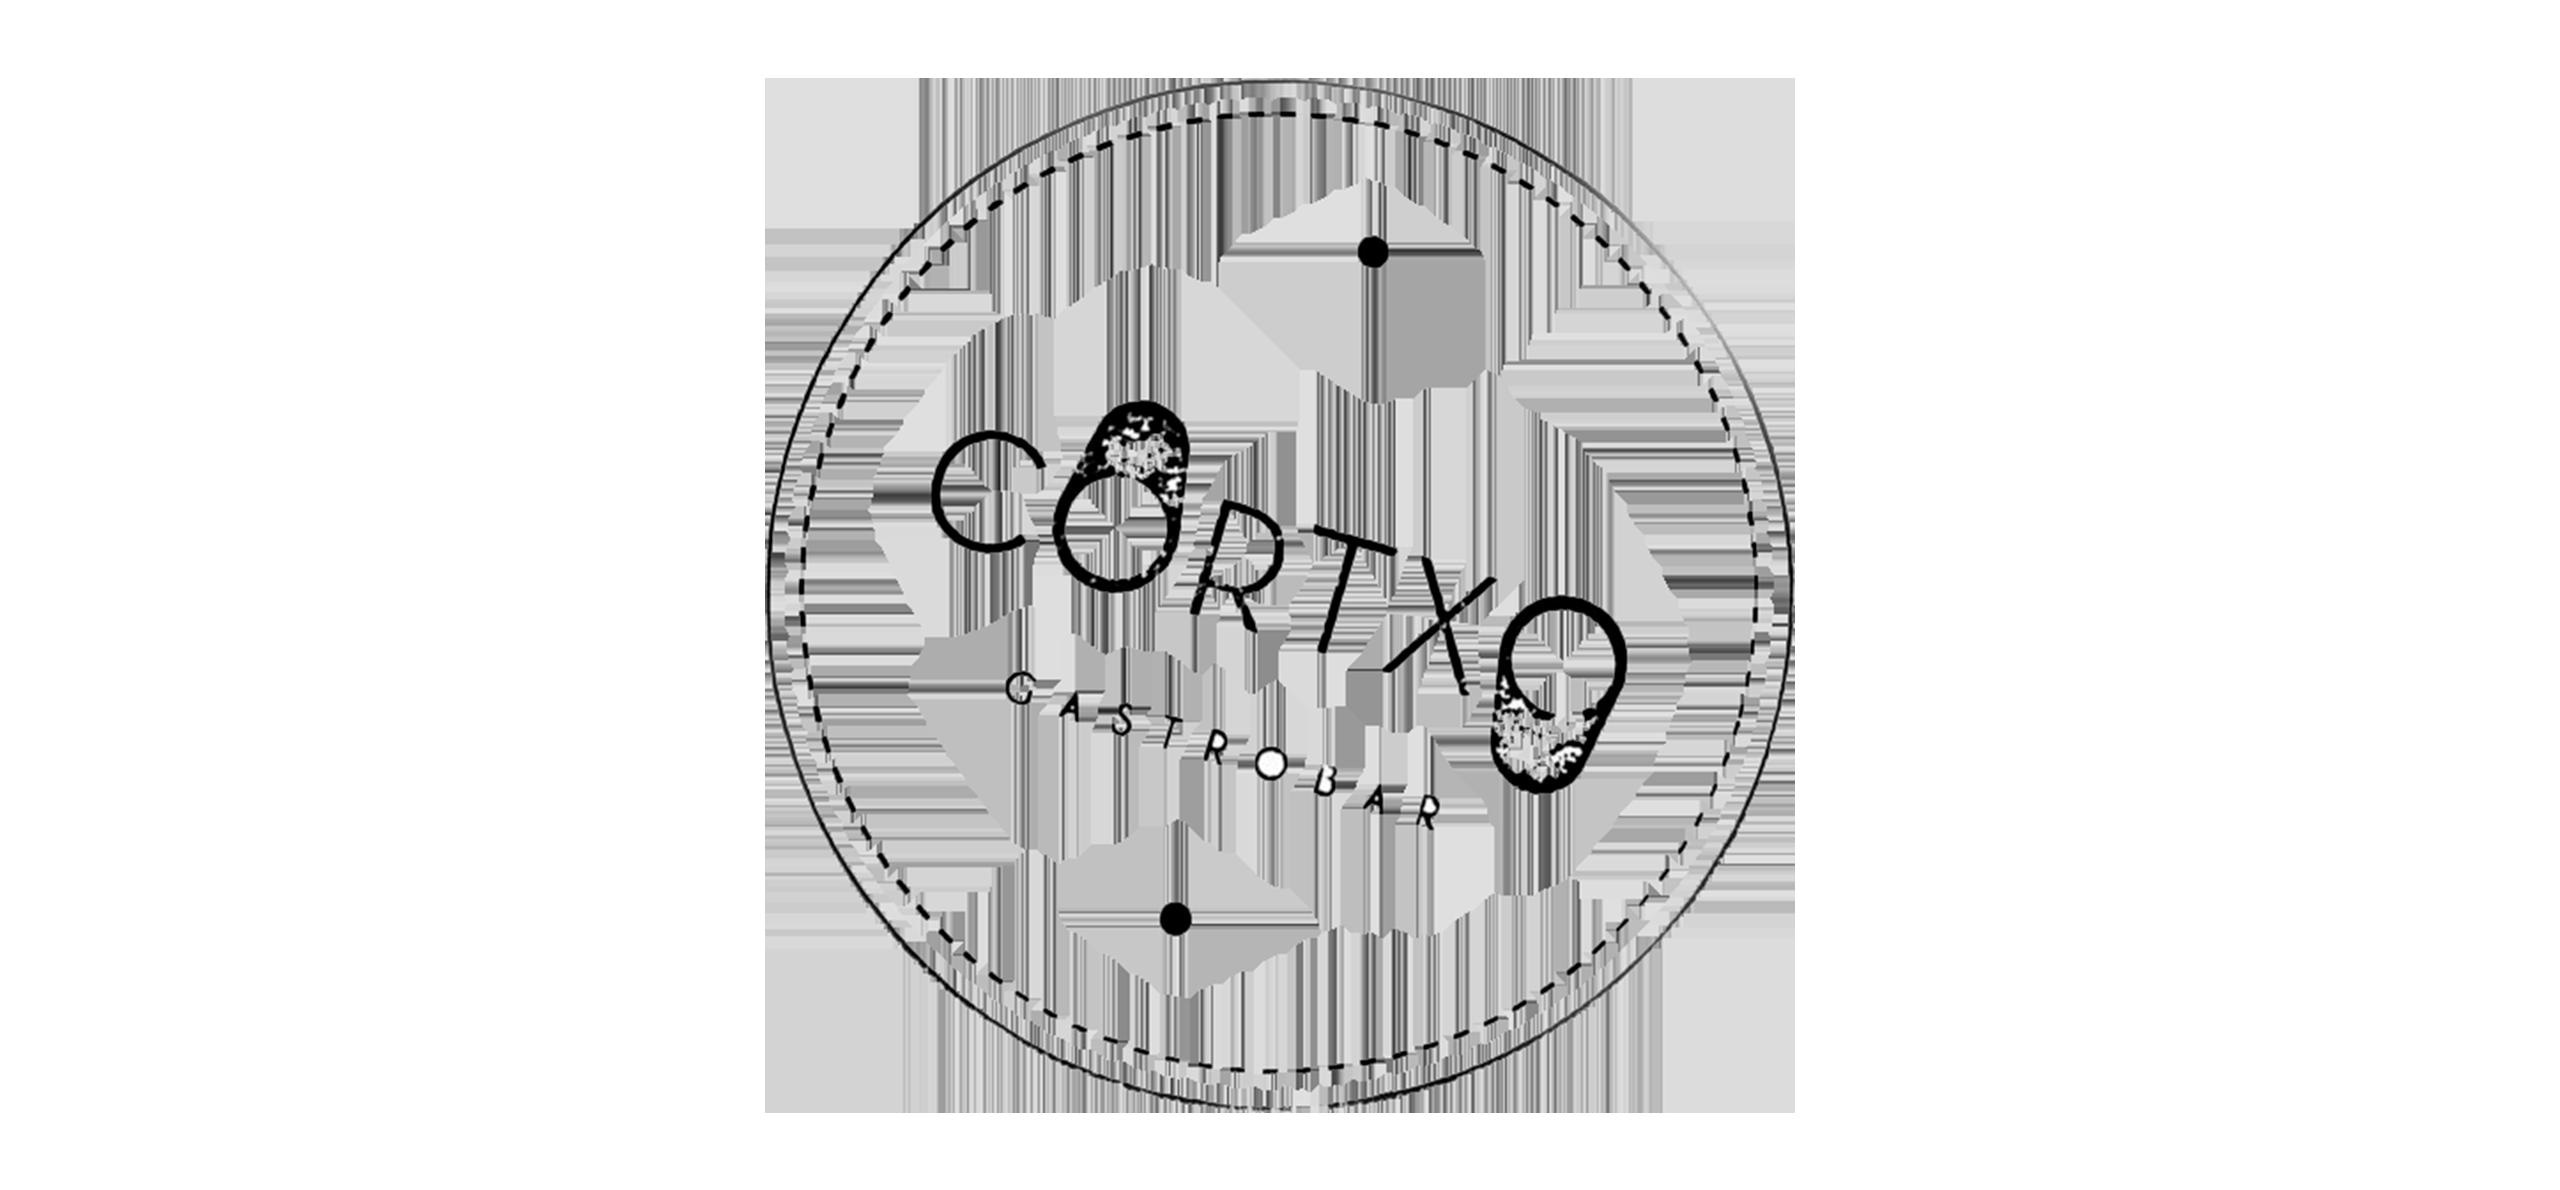 cortxo - Portfolio